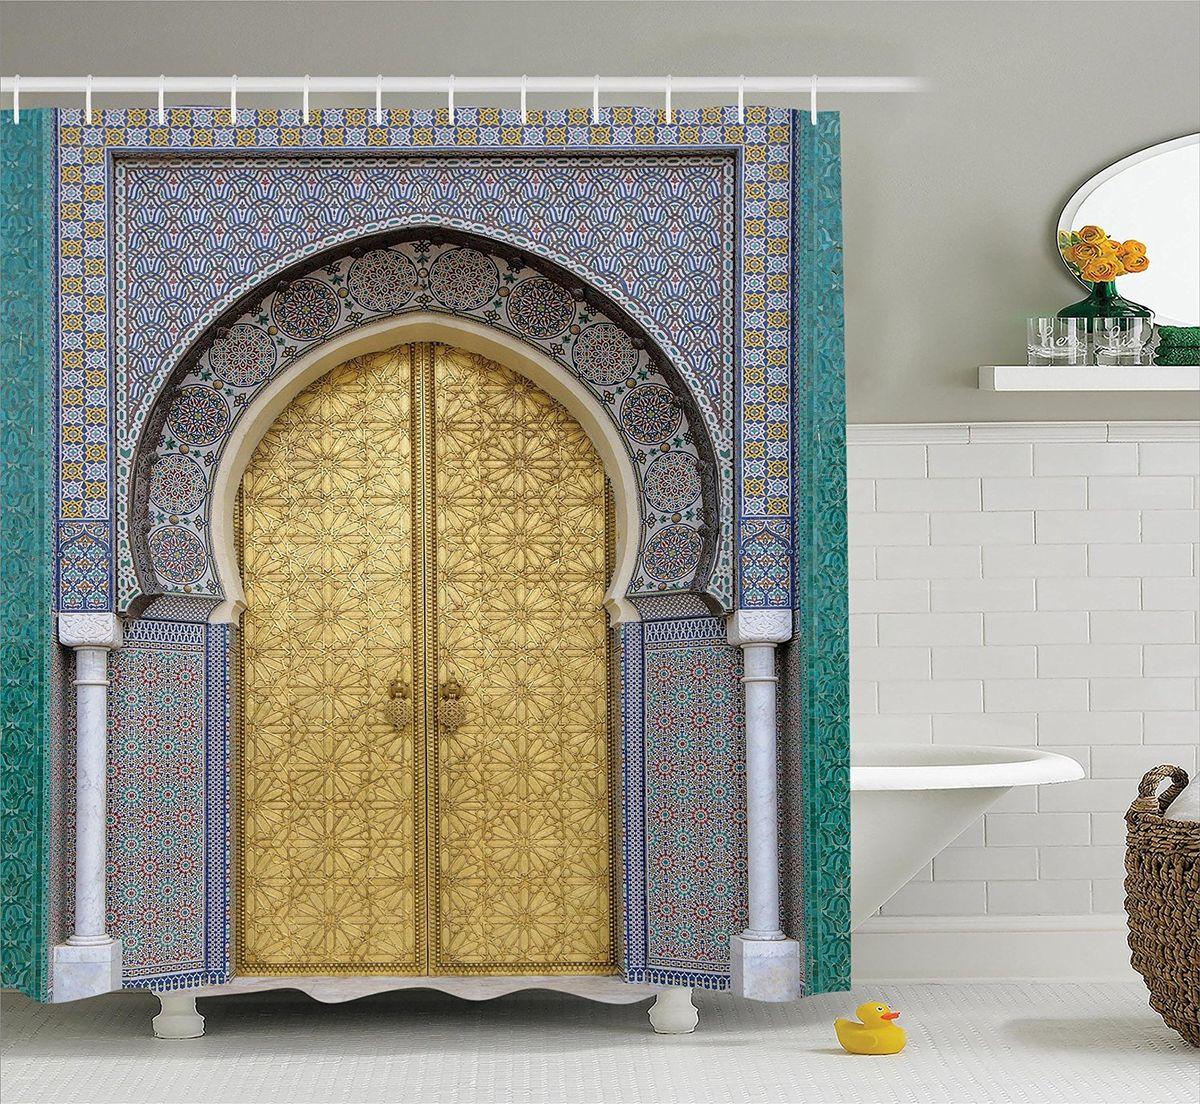 Штора для ванной комнаты Magic Lady Дверь с арабскими узорами, 180 х 200 см для ванной дверь